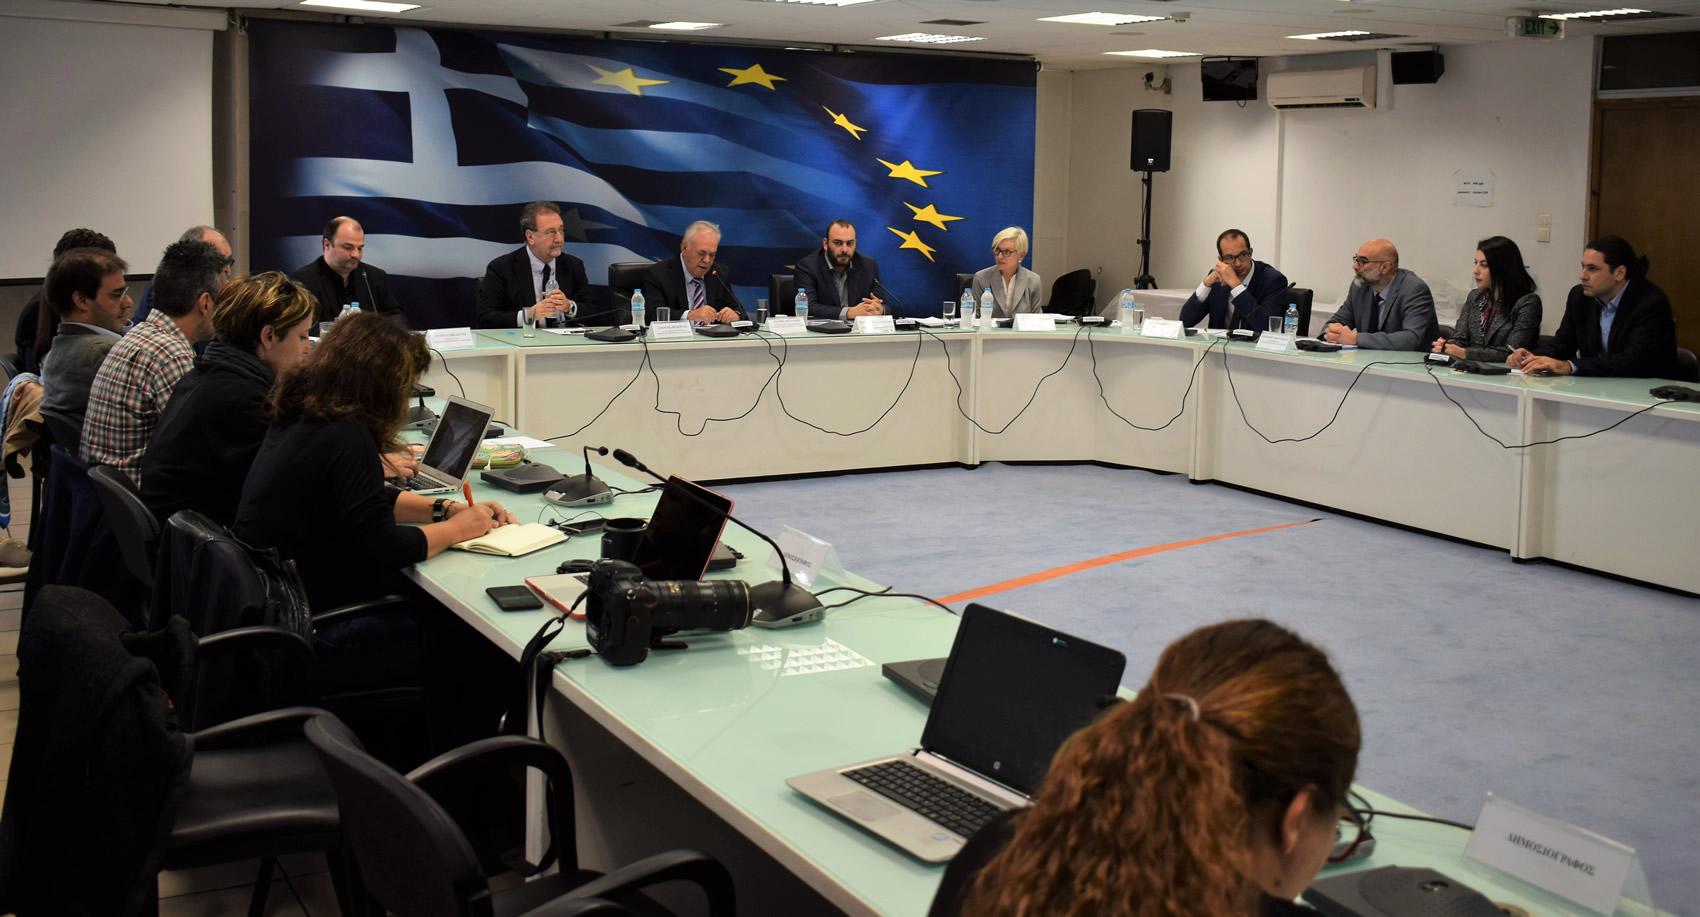 Κοινή συνέντευξη τύπου πολιτικής ηγεσίας Υπουργείου Οικονομίας και Ανάπτυξης